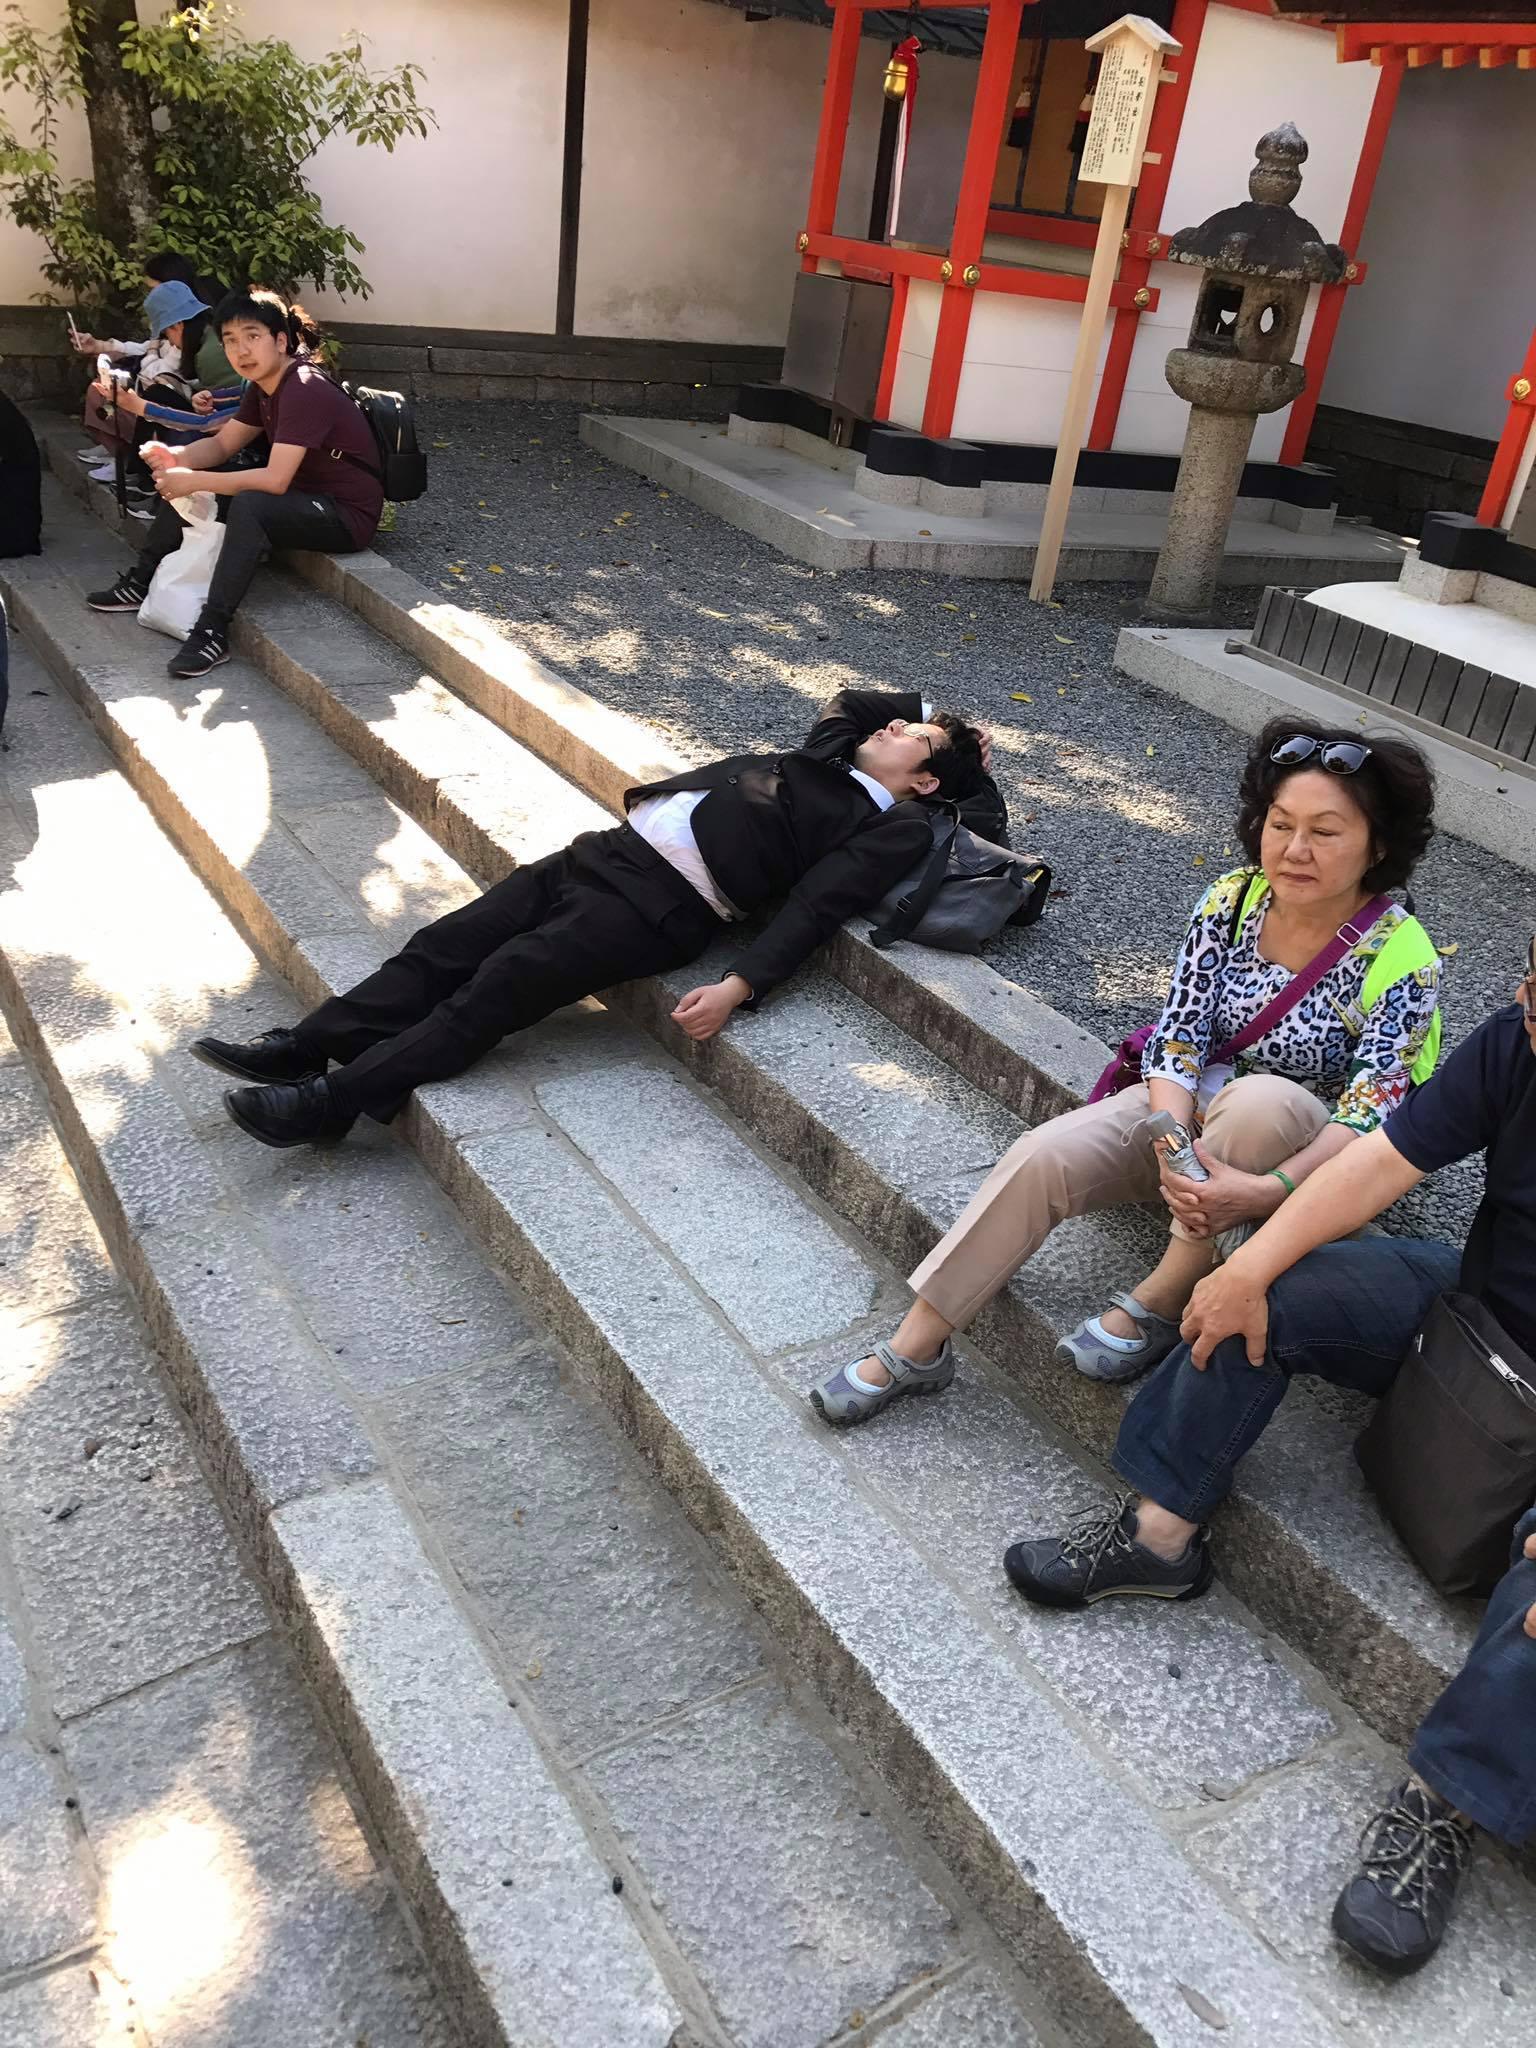 kyoto-salaryman-sleep